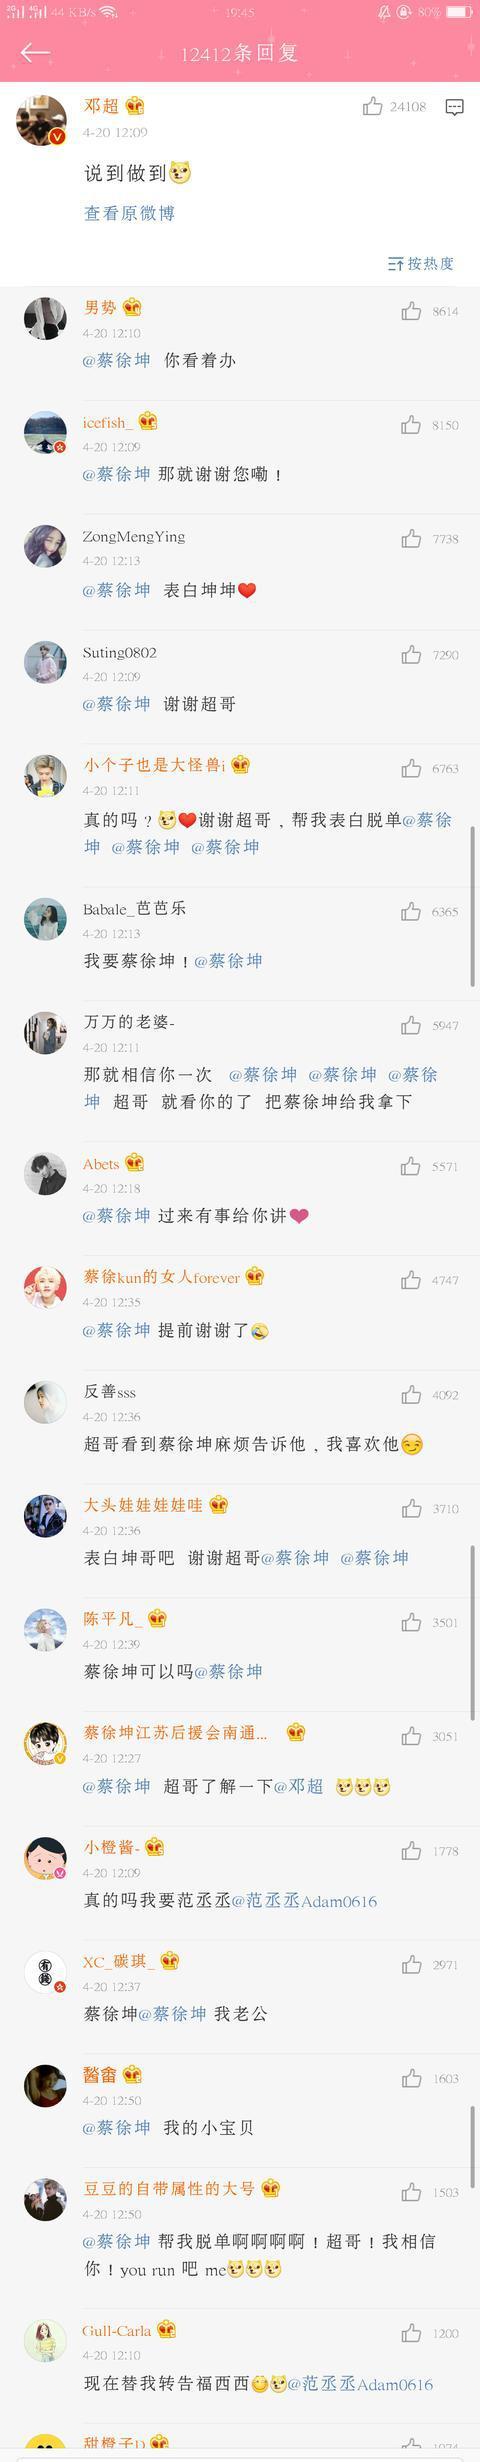 邓超发微博,评论底下却都是满满的蔡徐坤